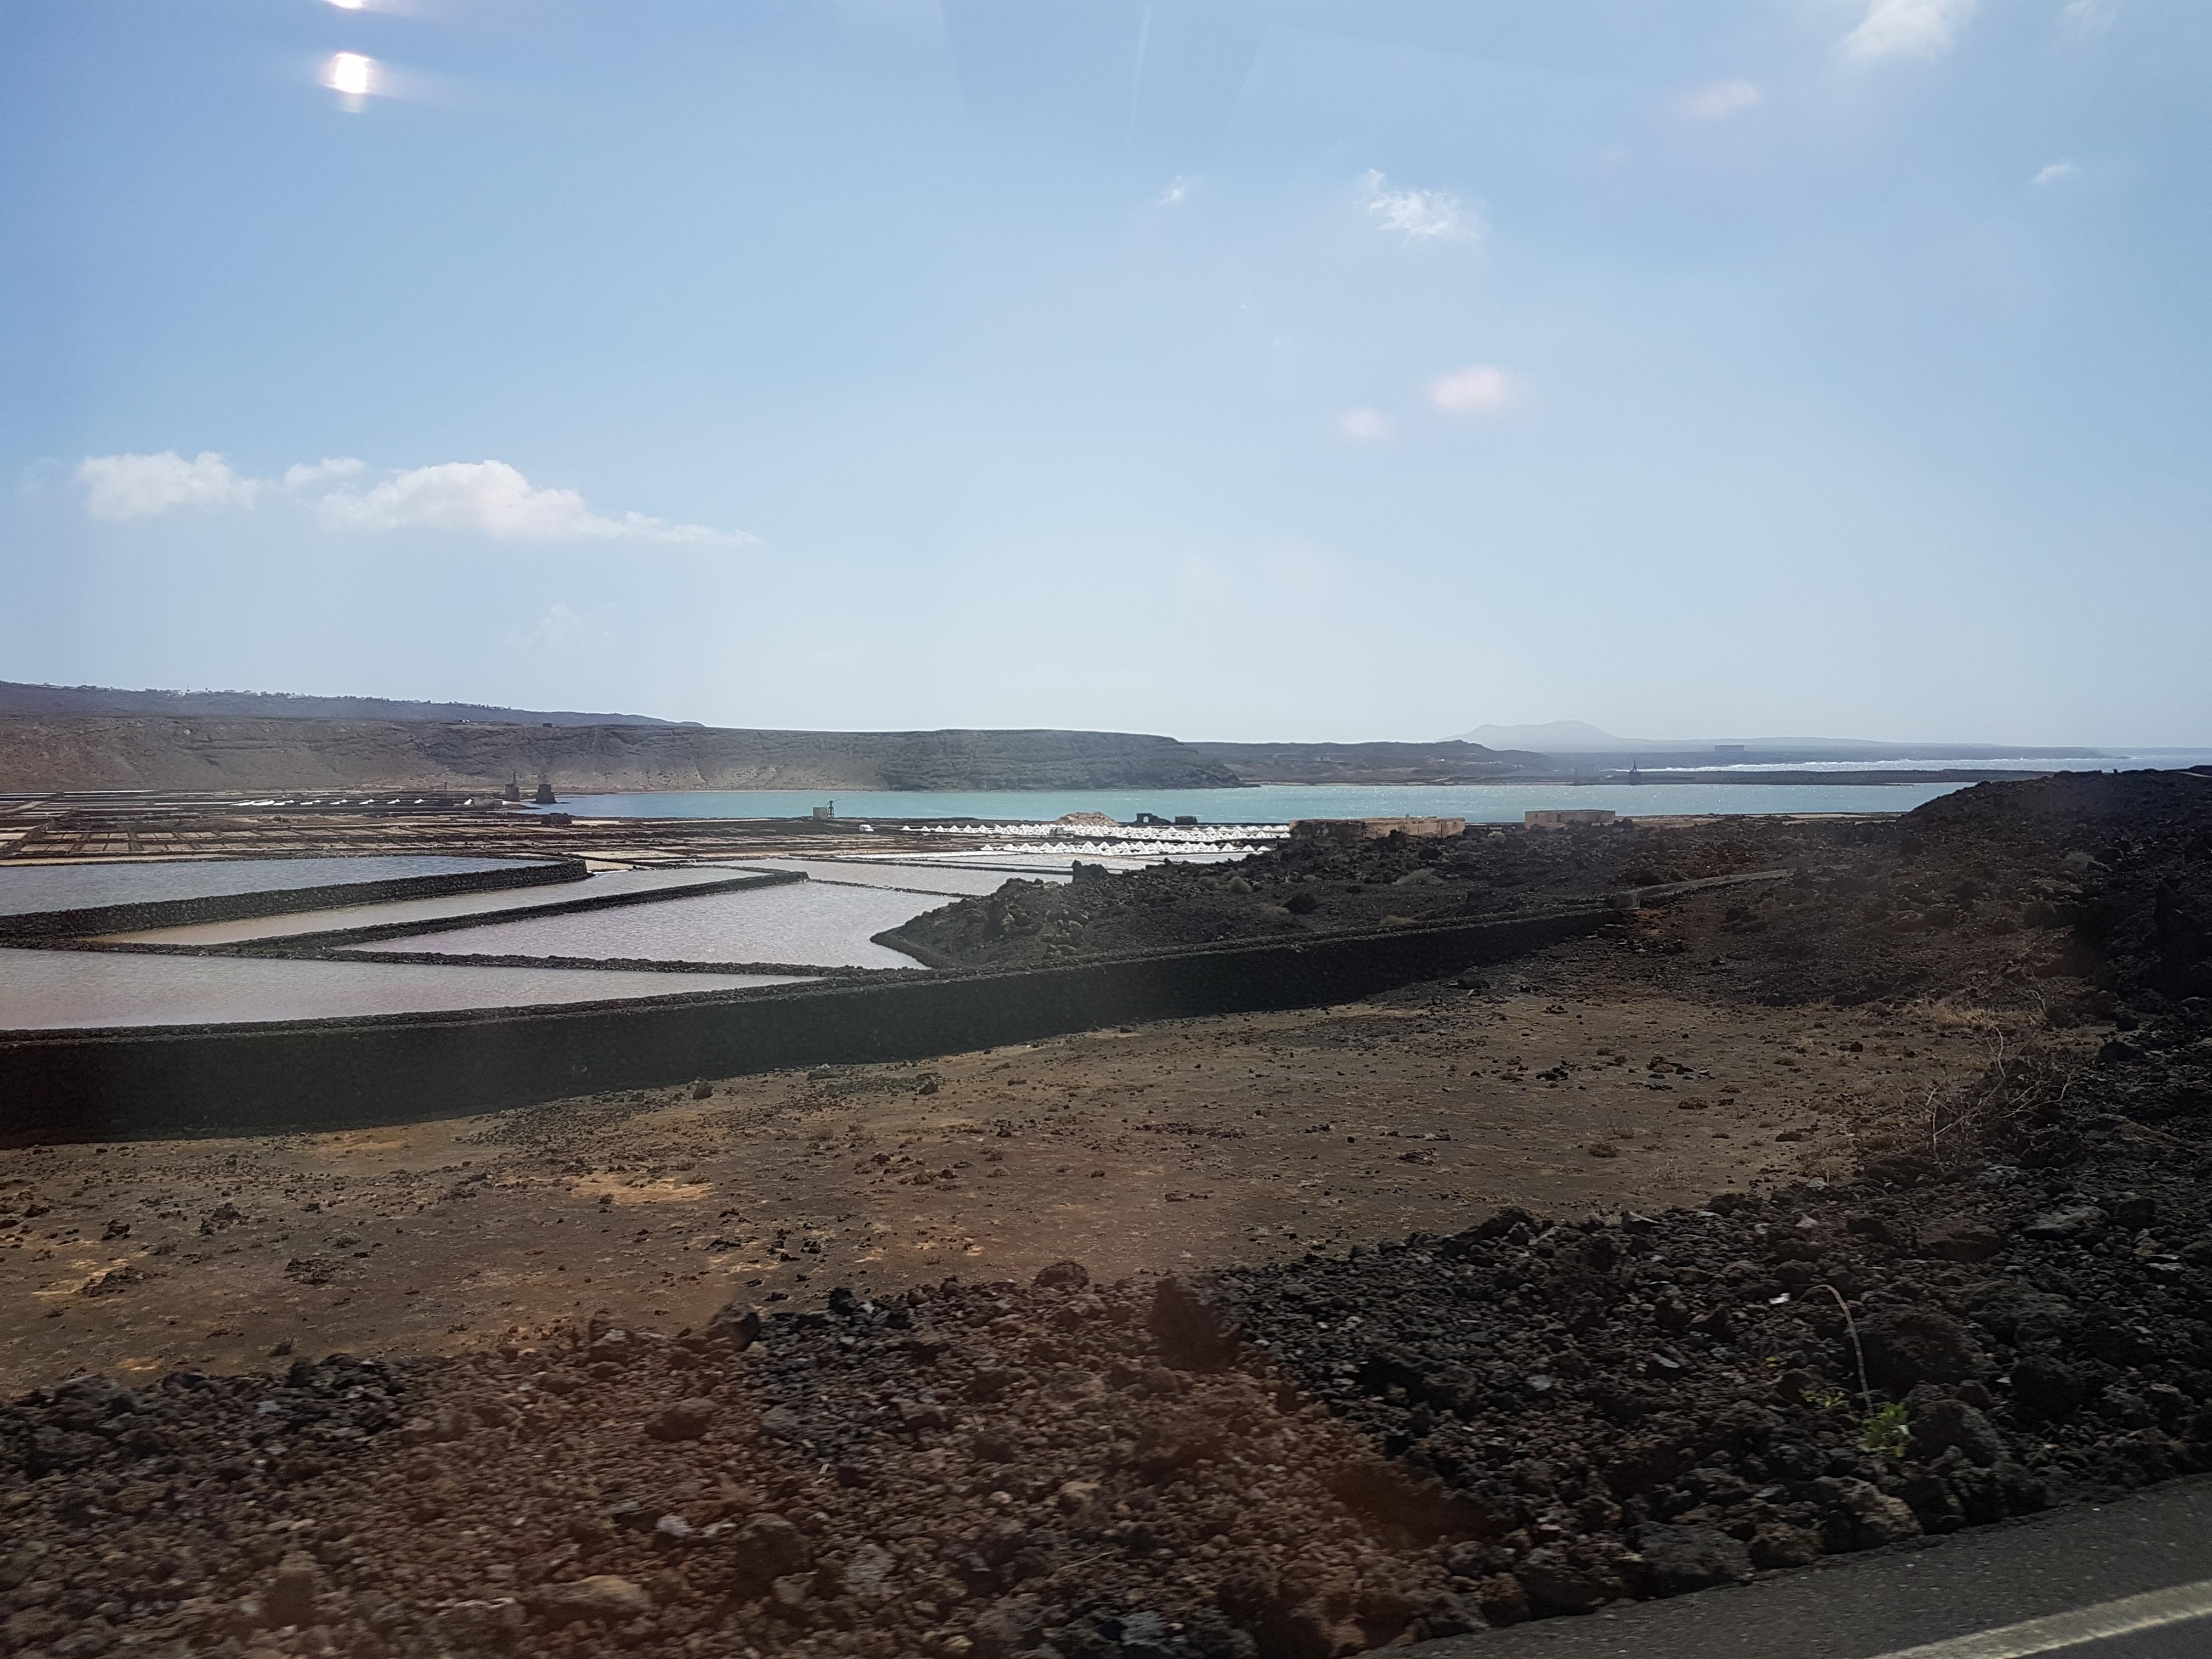 Aida Kreuzfahrt Kanaren und Madeira - Lanzarote - Salinas de Janubio